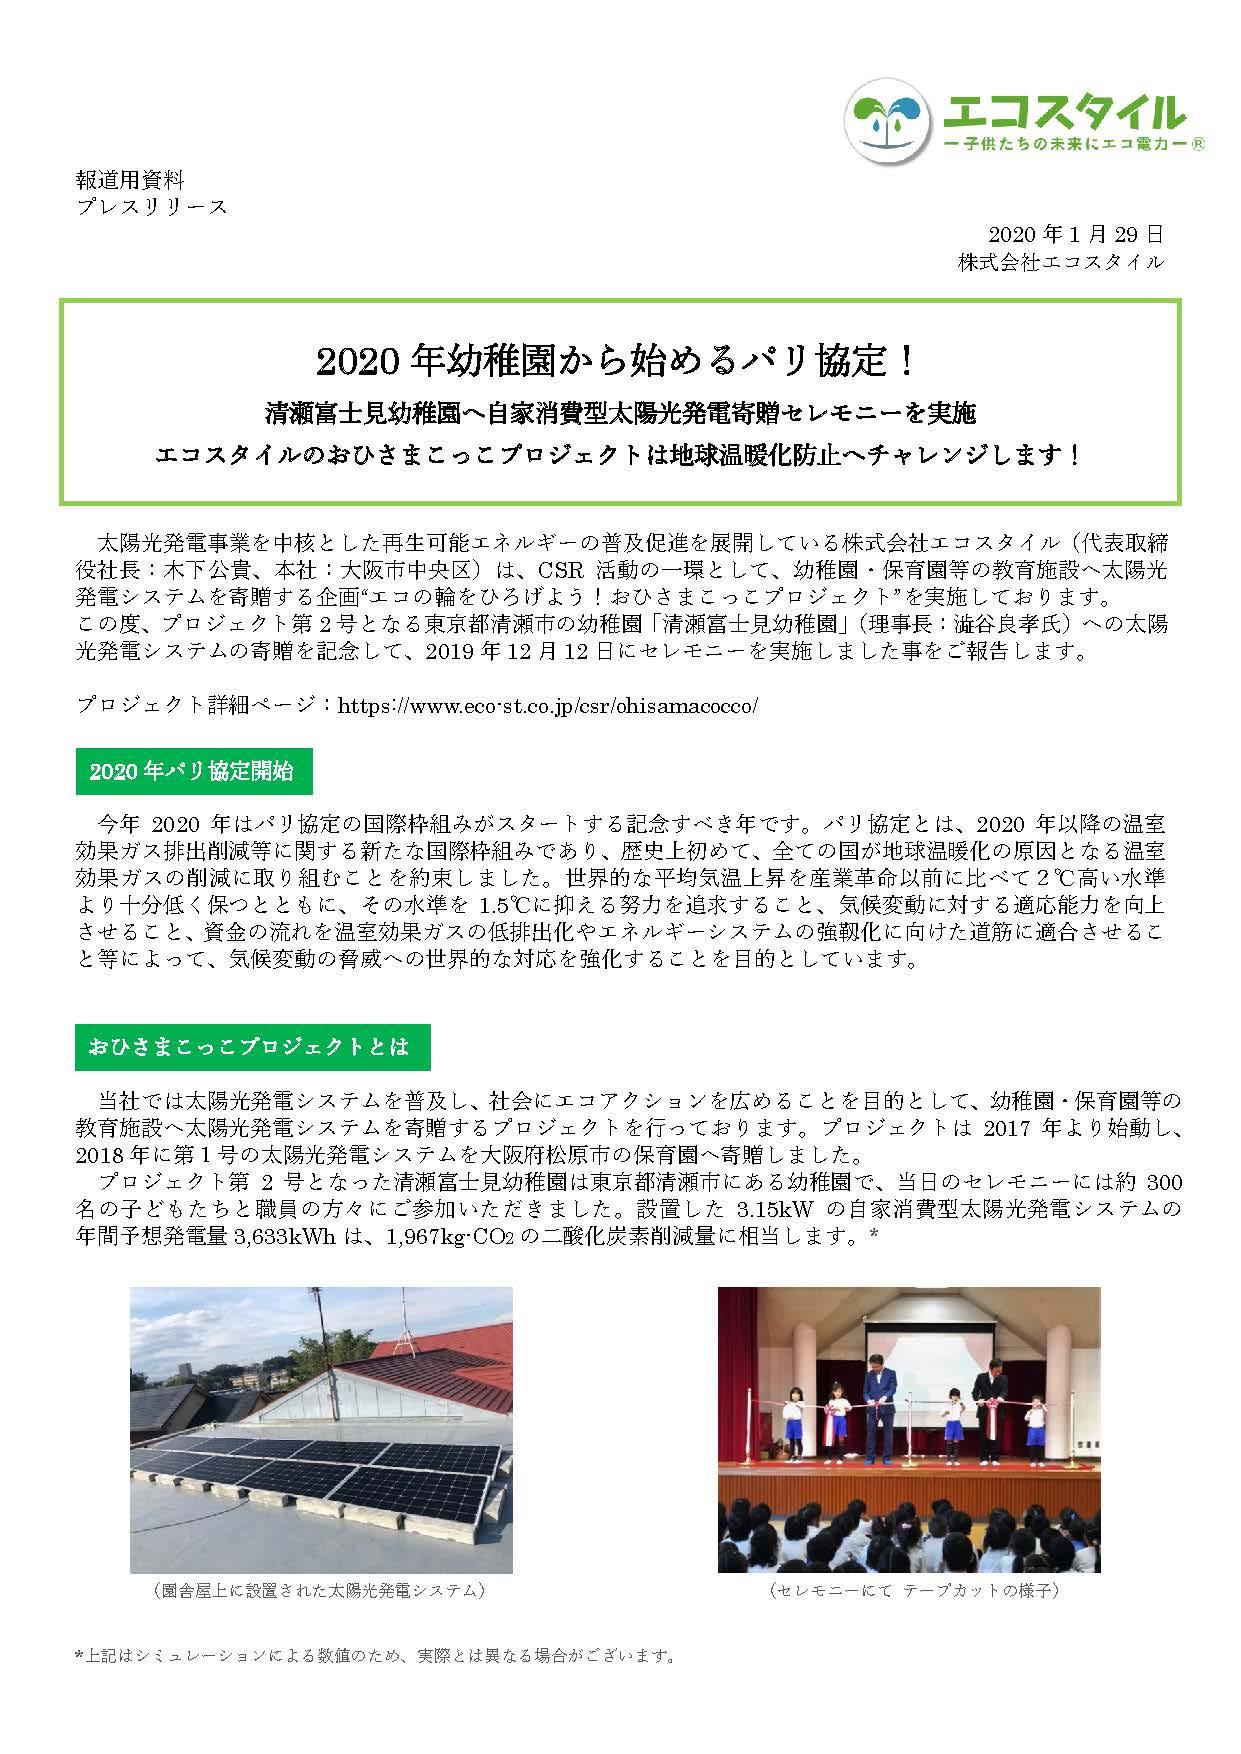 2020年幼稚園から始めるパリ協定! 清瀬富士見幼稚園へ自家消費型太陽光発電寄贈セレモニーを実施